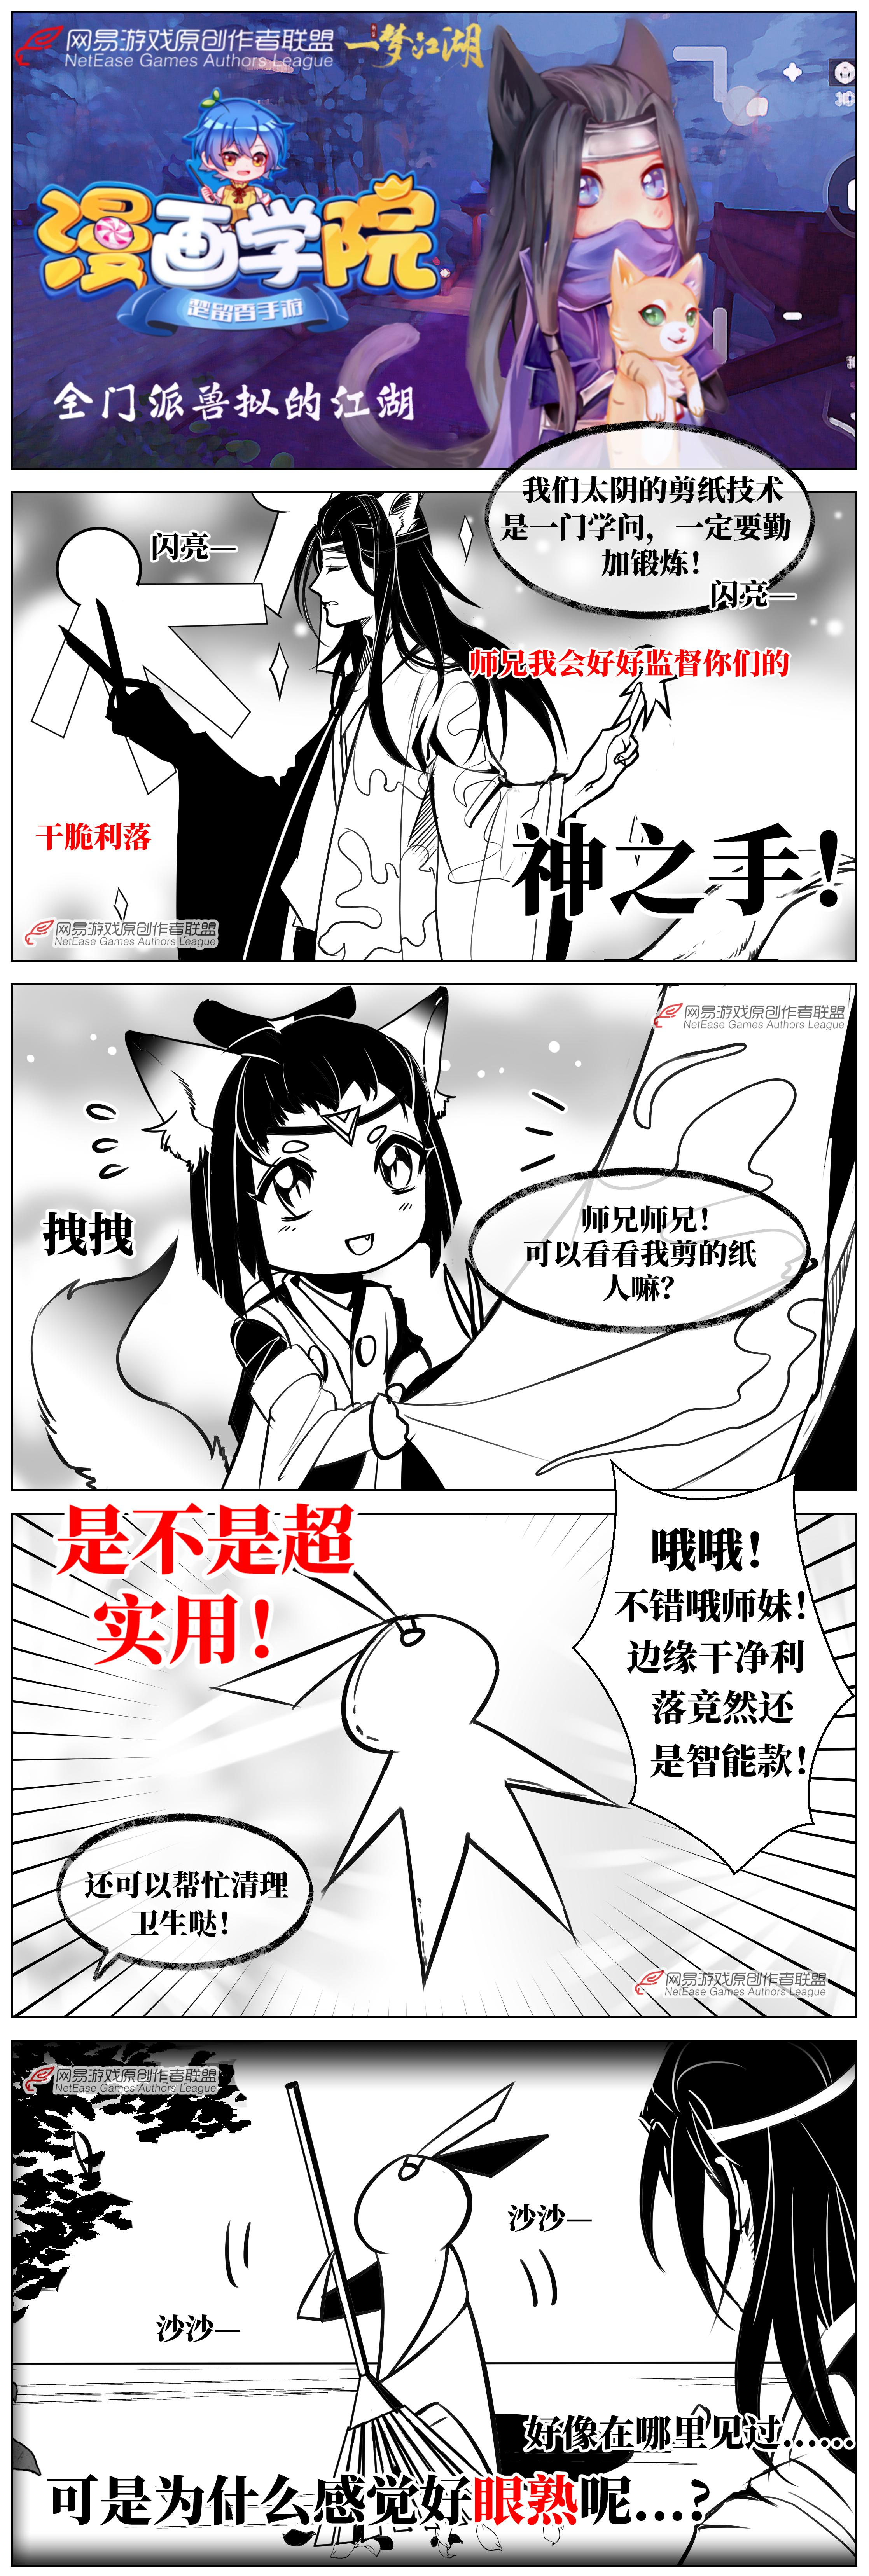 【原创作者联盟】【漫画学院】师妹剪纸技术